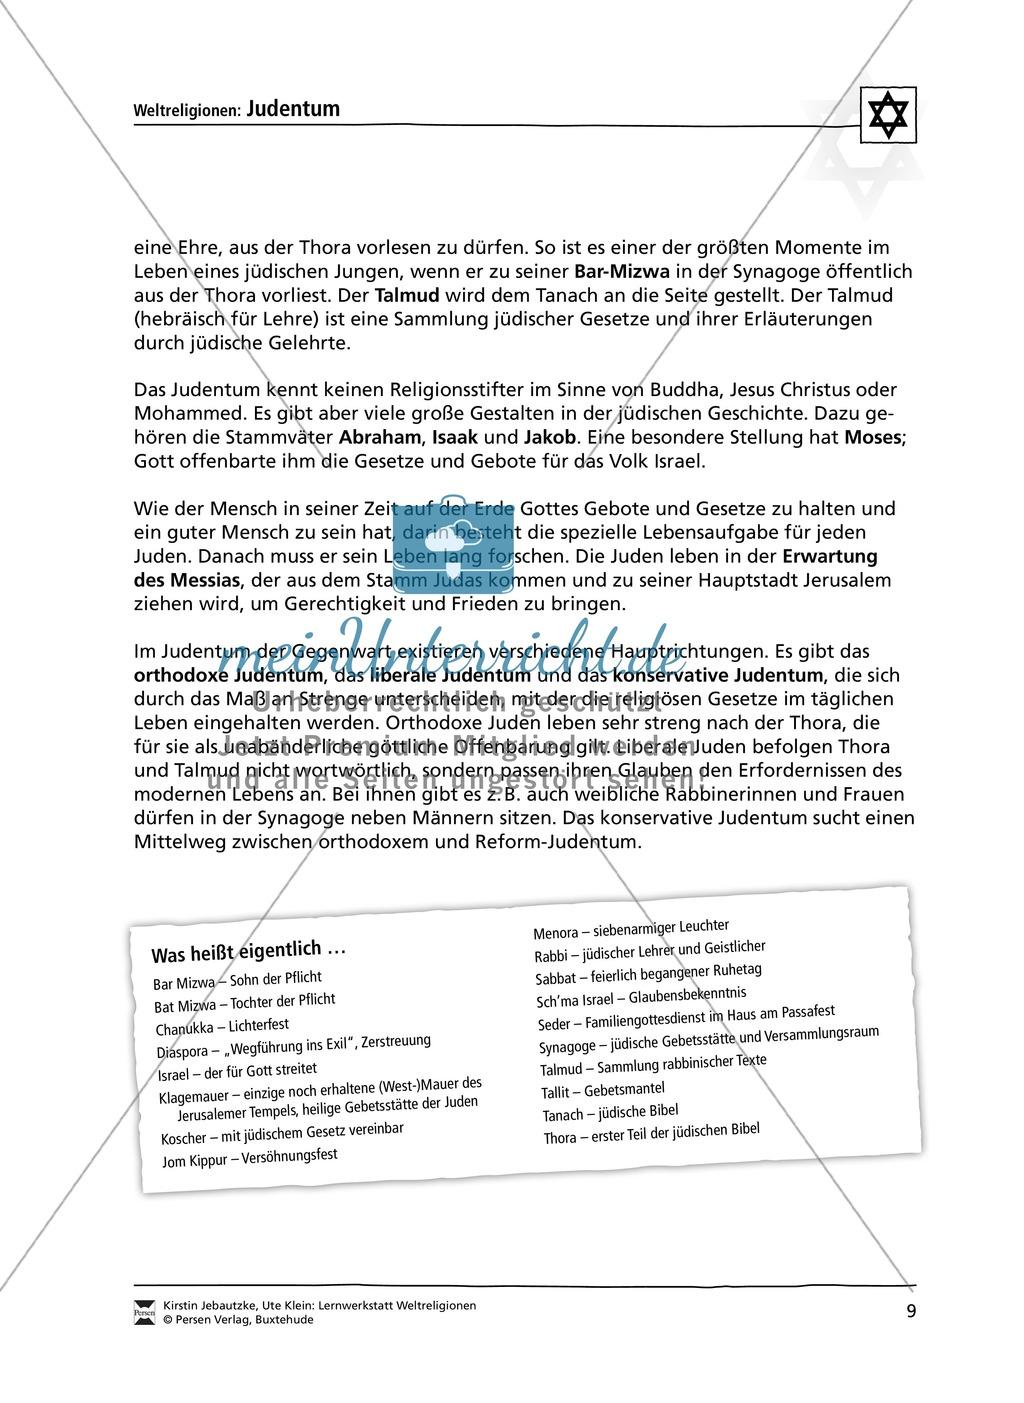 Unterrichtsmaterial zum Judentum - mit Infomaterial zu Gottheit, Schrift, Synagogen, Feiertagen uvm. Preview 1